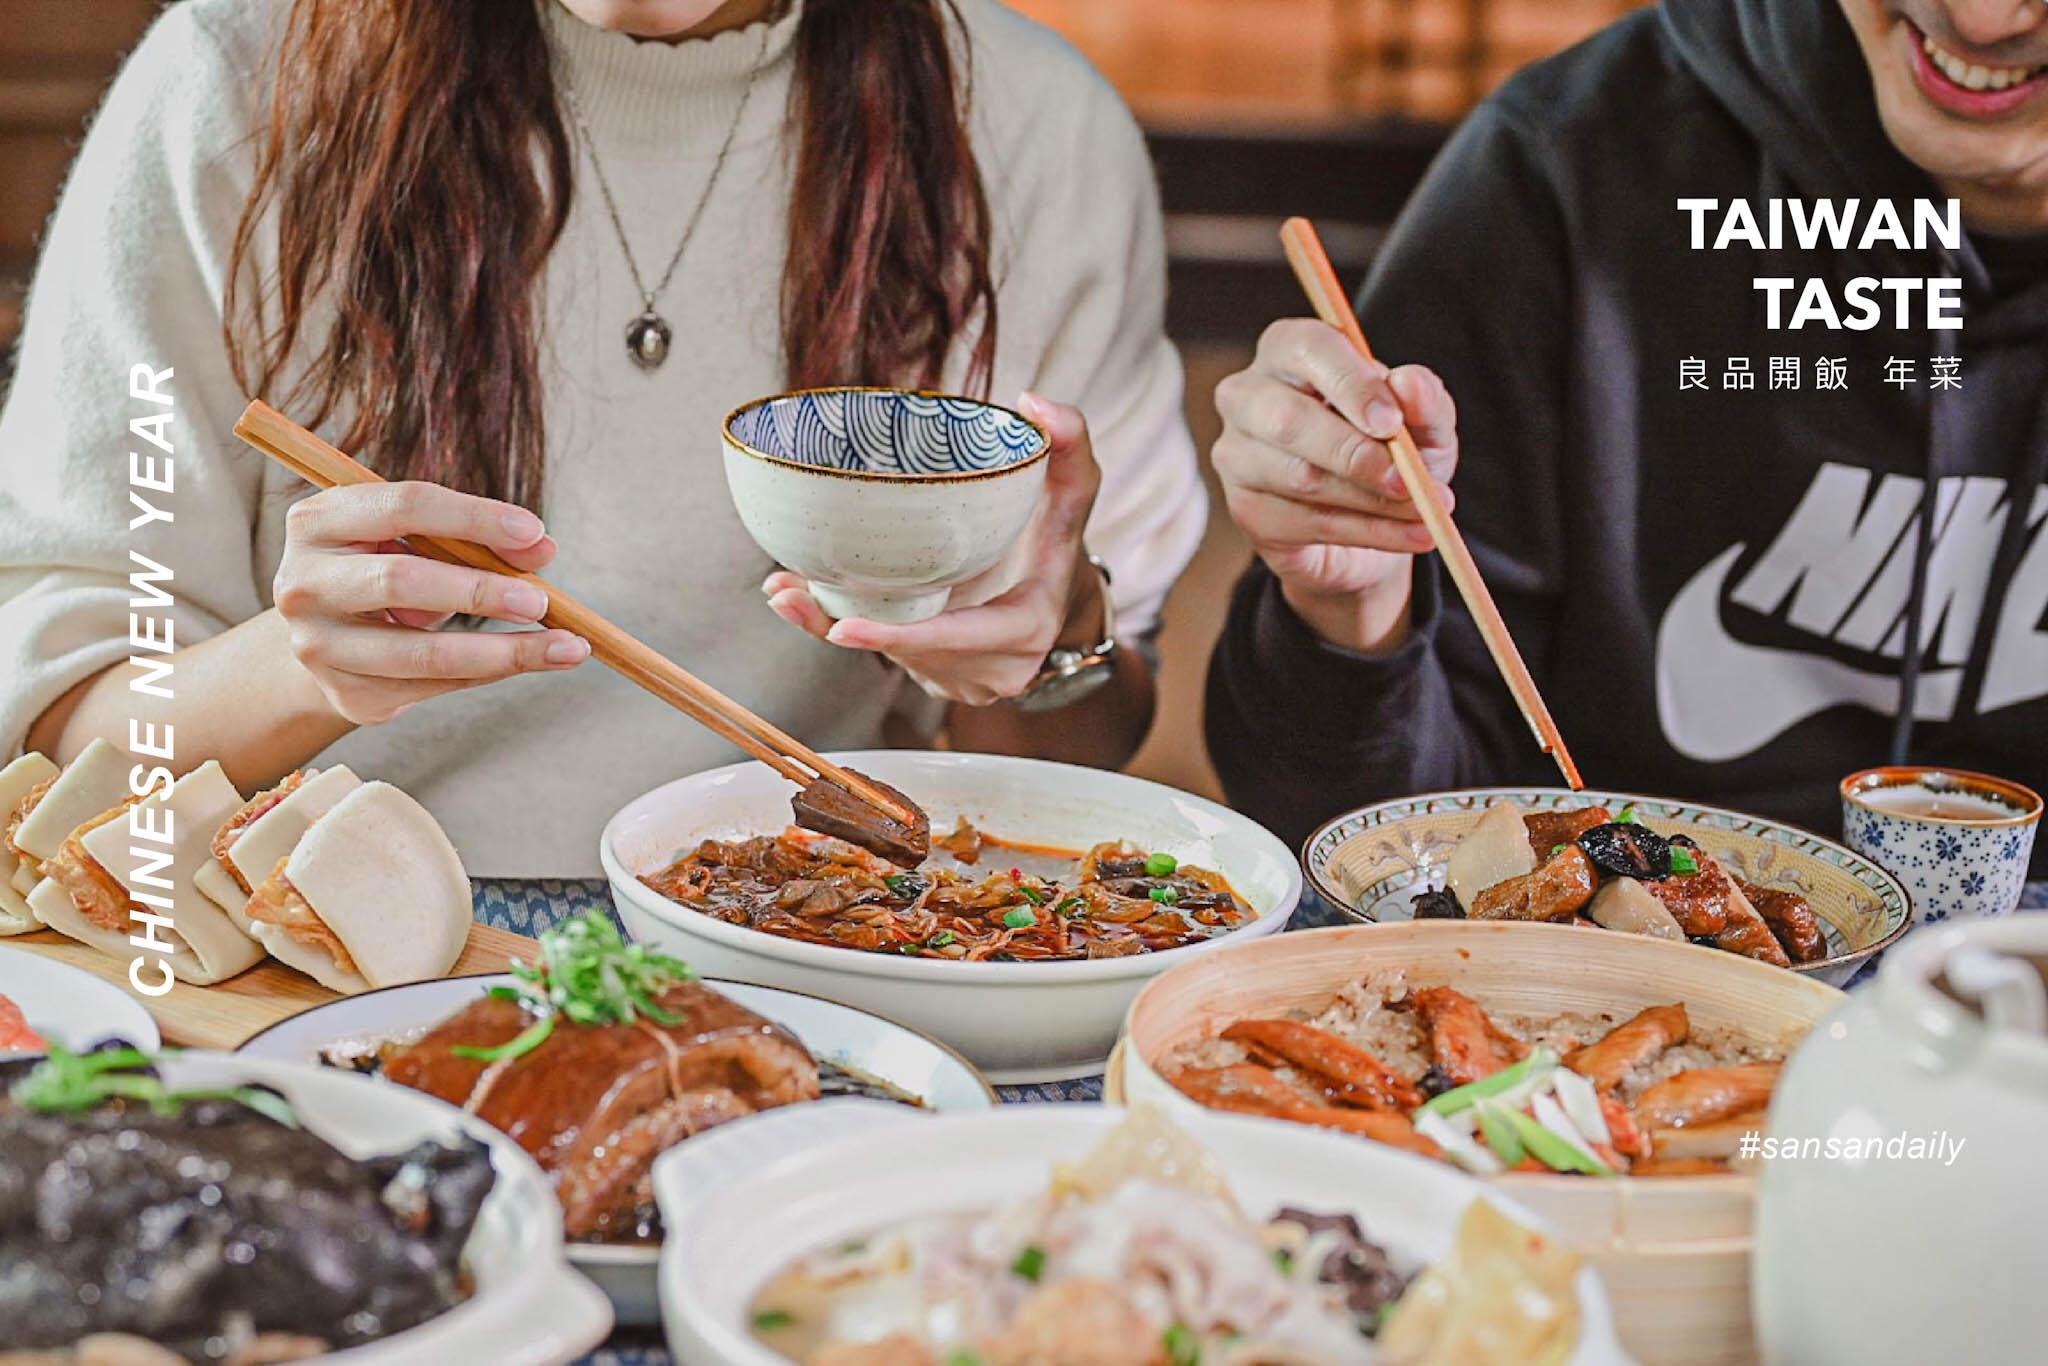 2021年菜預定 良品開飯 蜜汁雙方、梅干東坡肉、佛跳牆、酸菜白肉鍋 年菜冷凍宅配 美味又快速|sansan吃美食